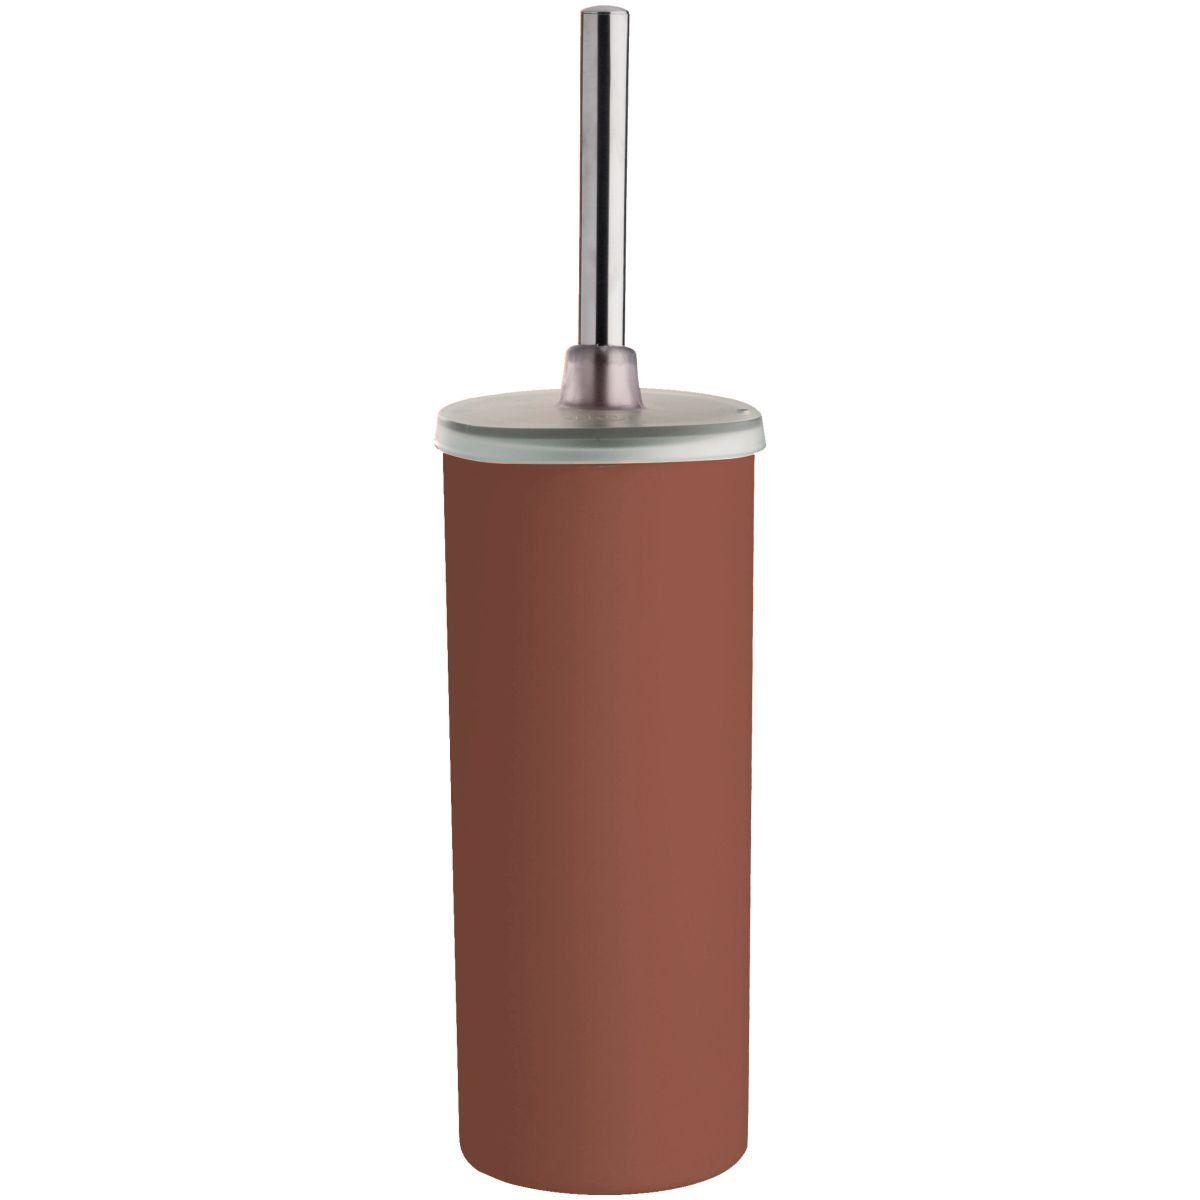 Escova Sanitária de Banheiro Modelo Gota Com Suporte Higiênico